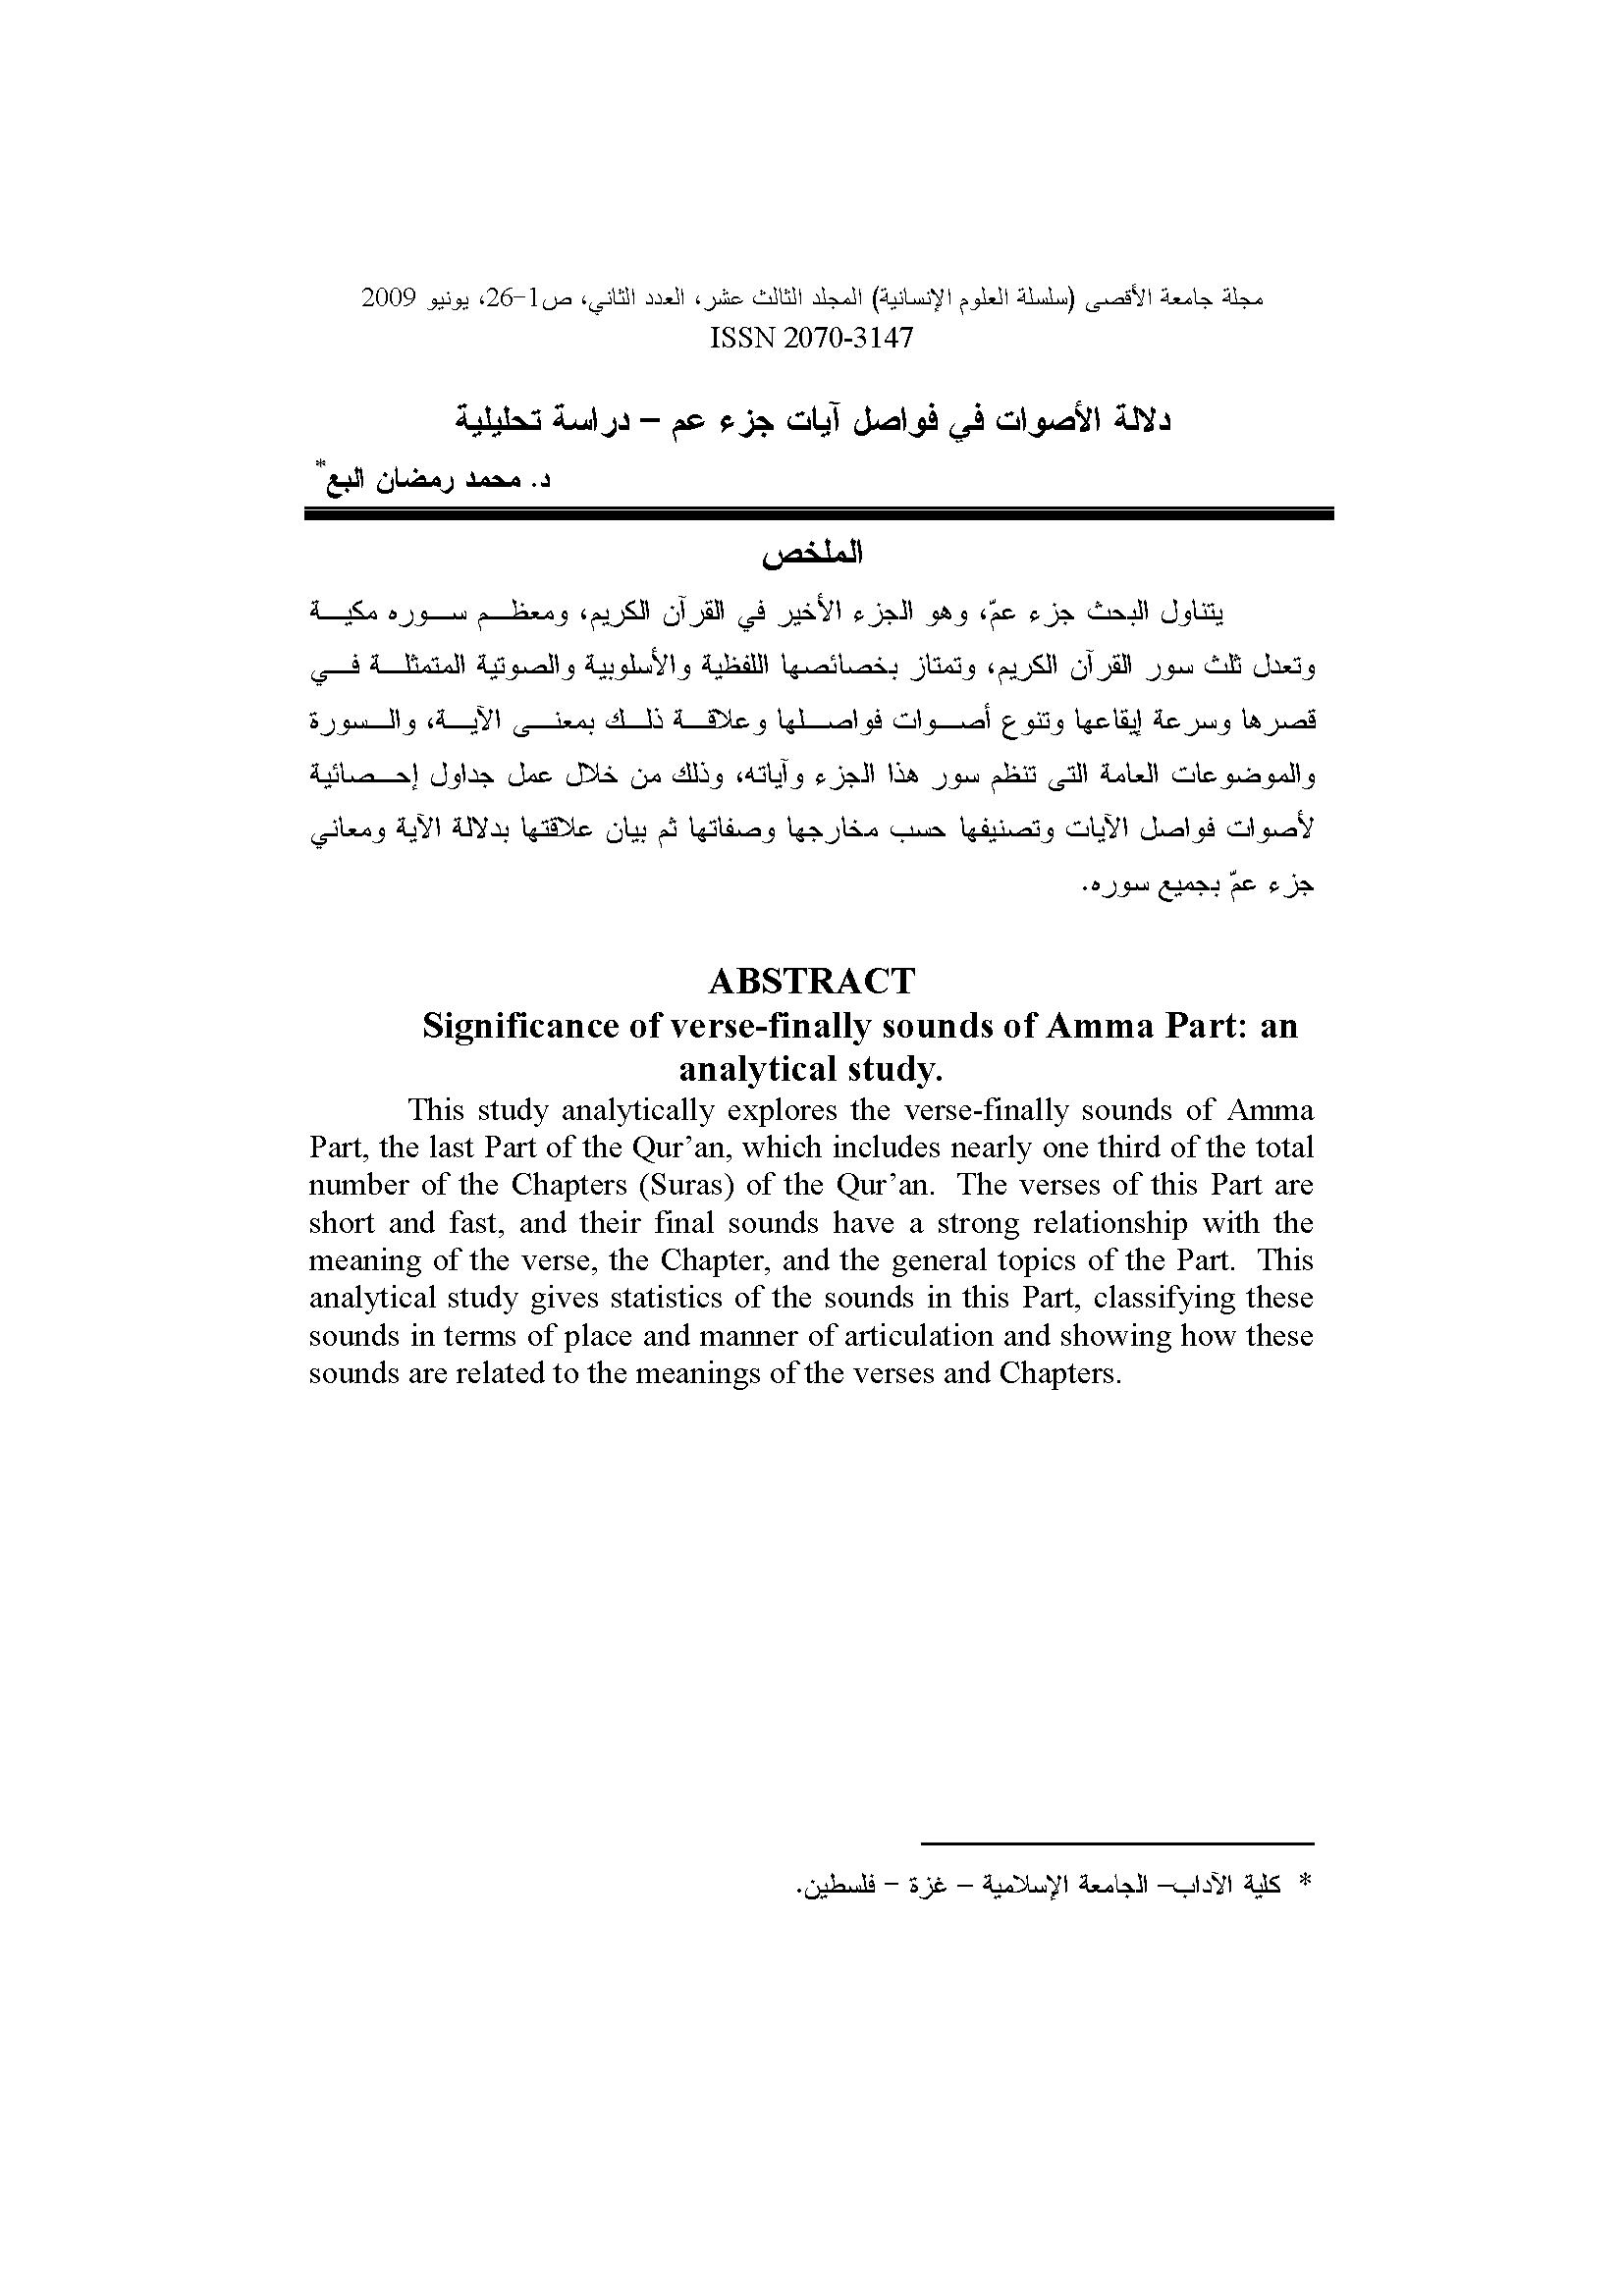 تحميل كتاب دلالة الأصوات في فواصل آيات جزء عم - دراسة تحليلية لـِ: الدكتور محمد رمضان محمود البع